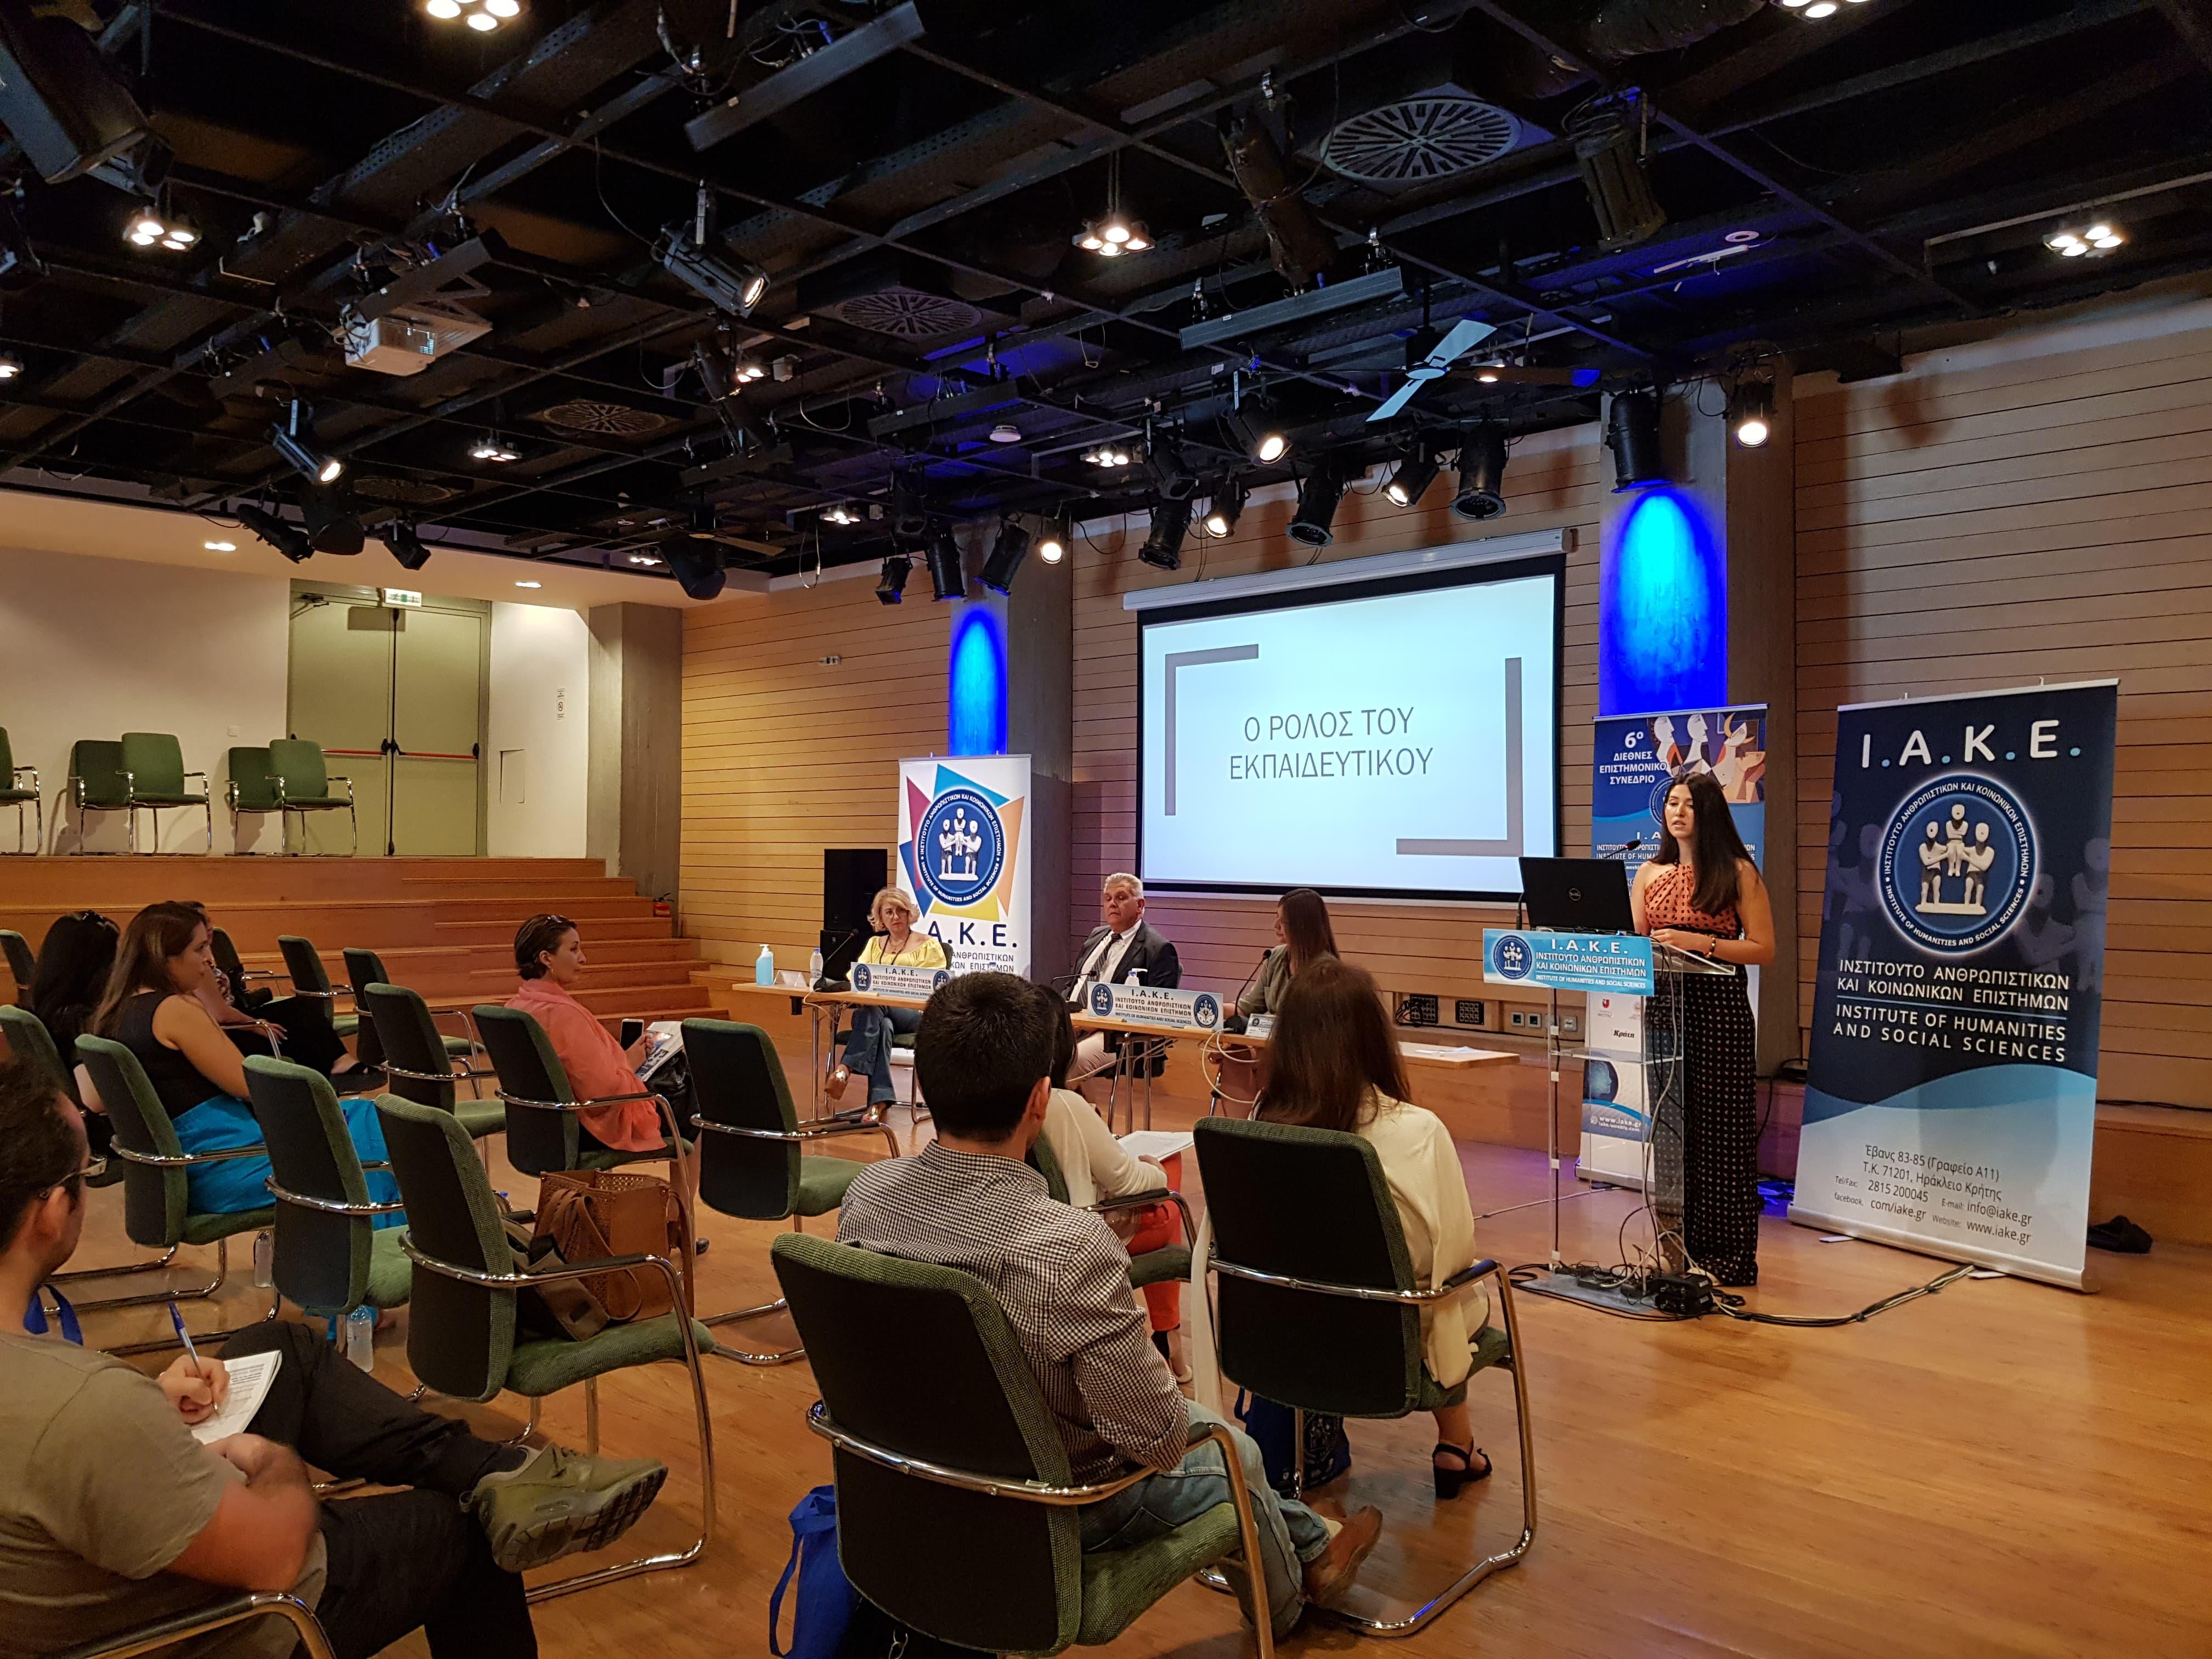 6ο Διεθνές Επιστημ. Συνέδρ. IAKE  10.7.'20